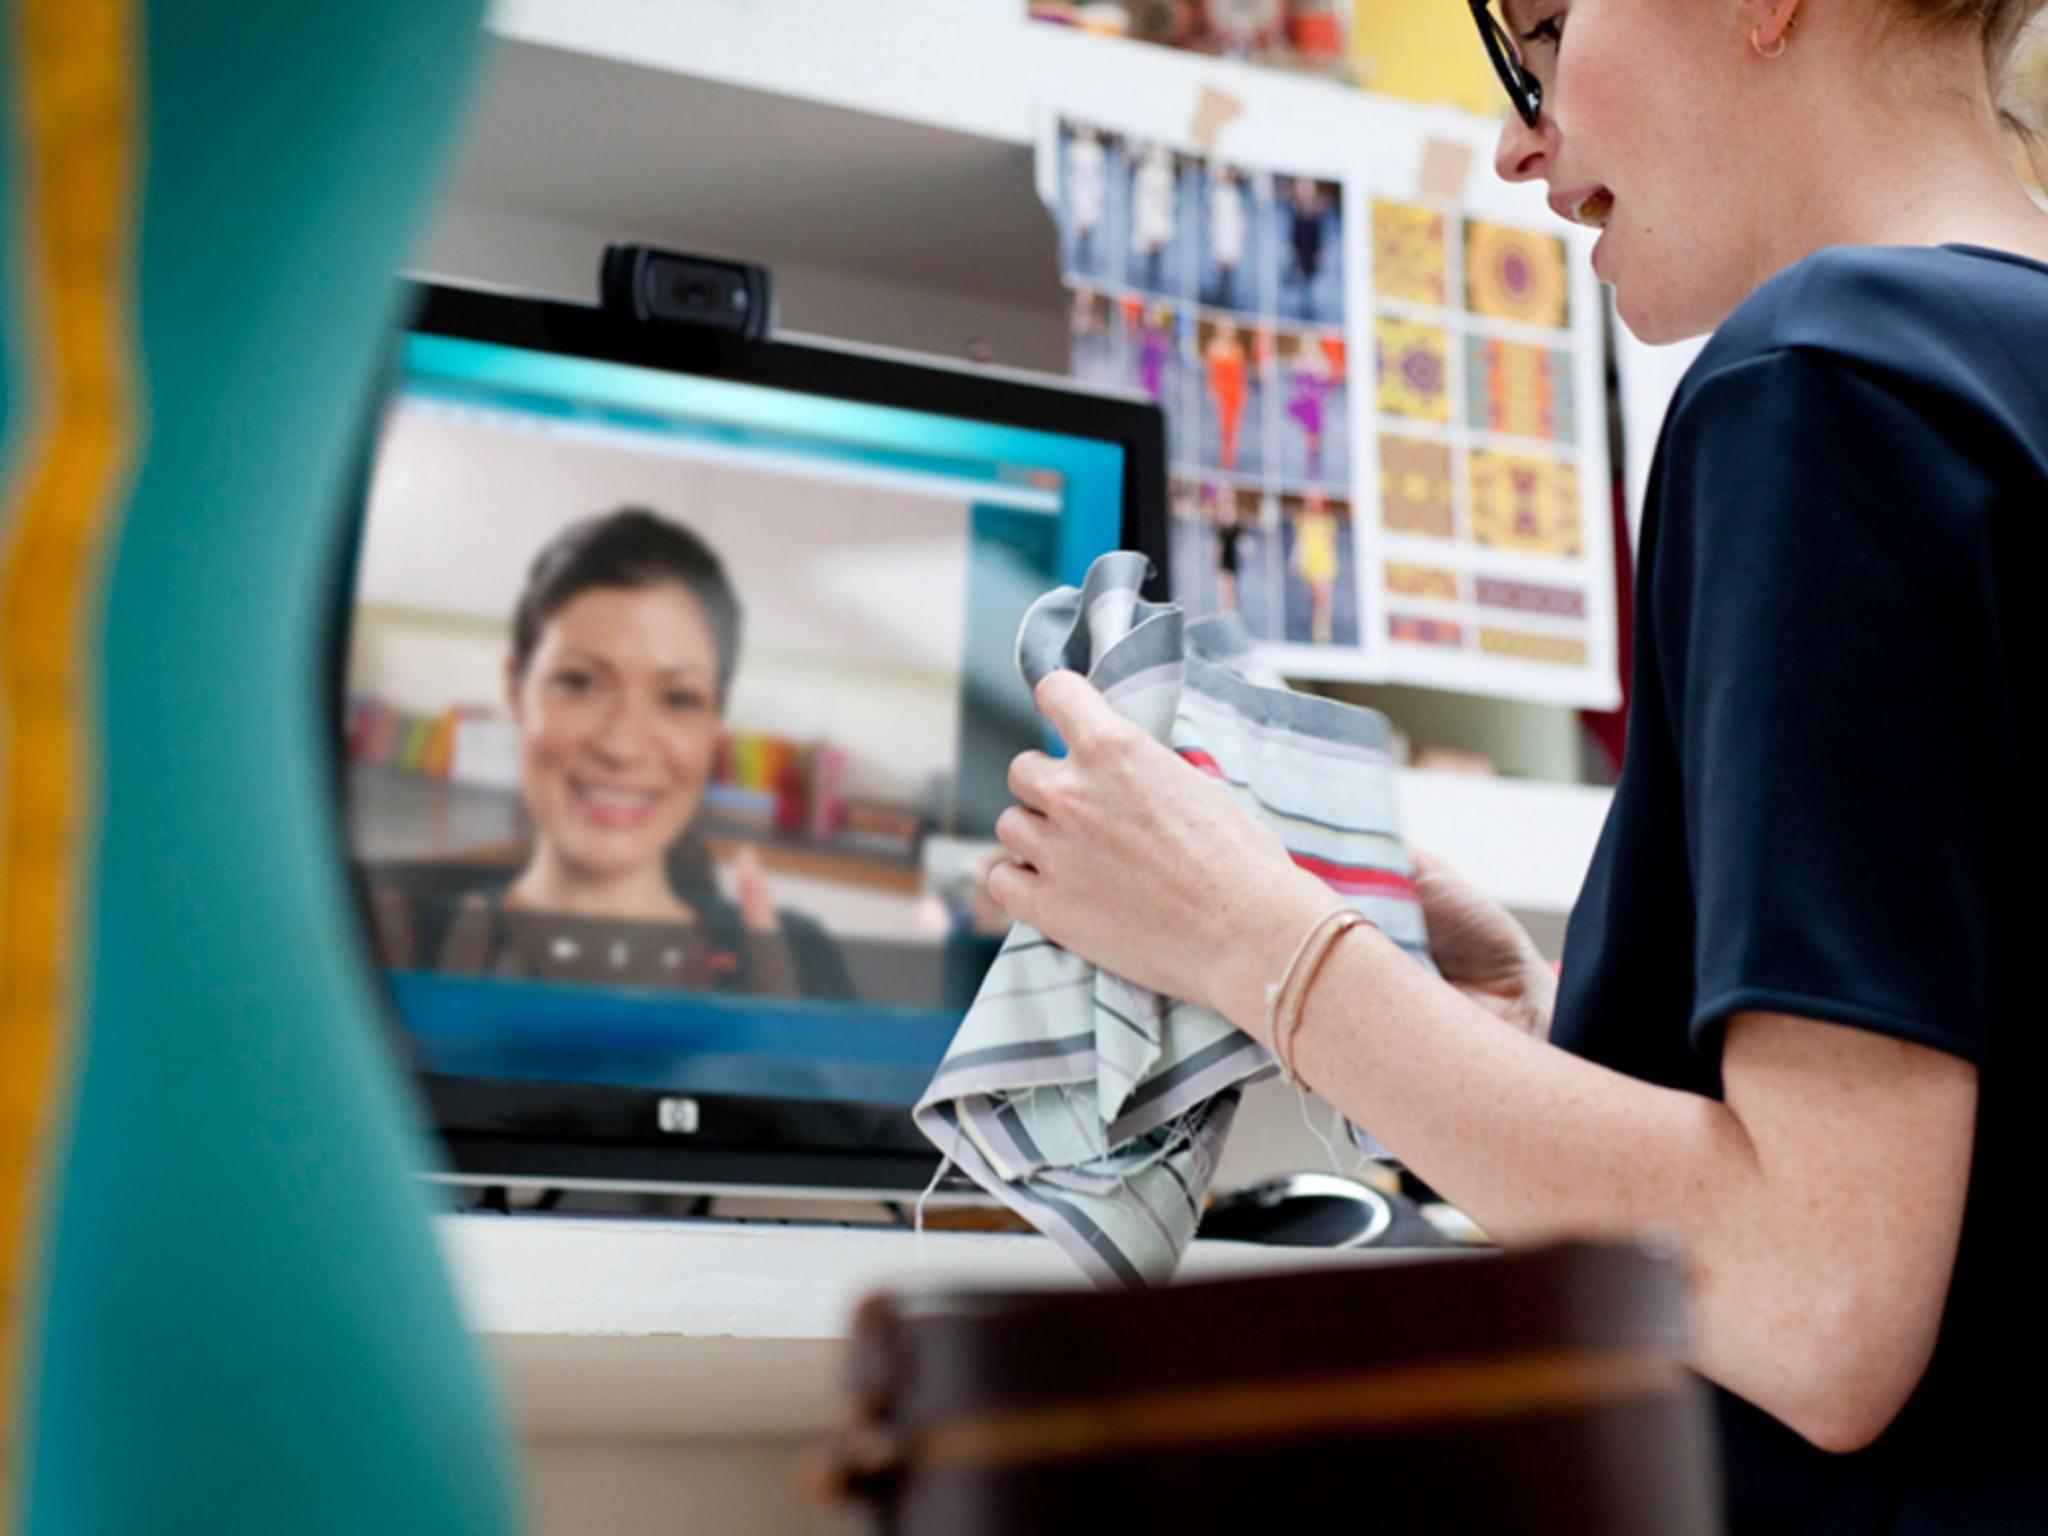 Egal ob Computer oder SmartTV: Dank Skype und Co. können wir uns auf Bildschirmen sehen.